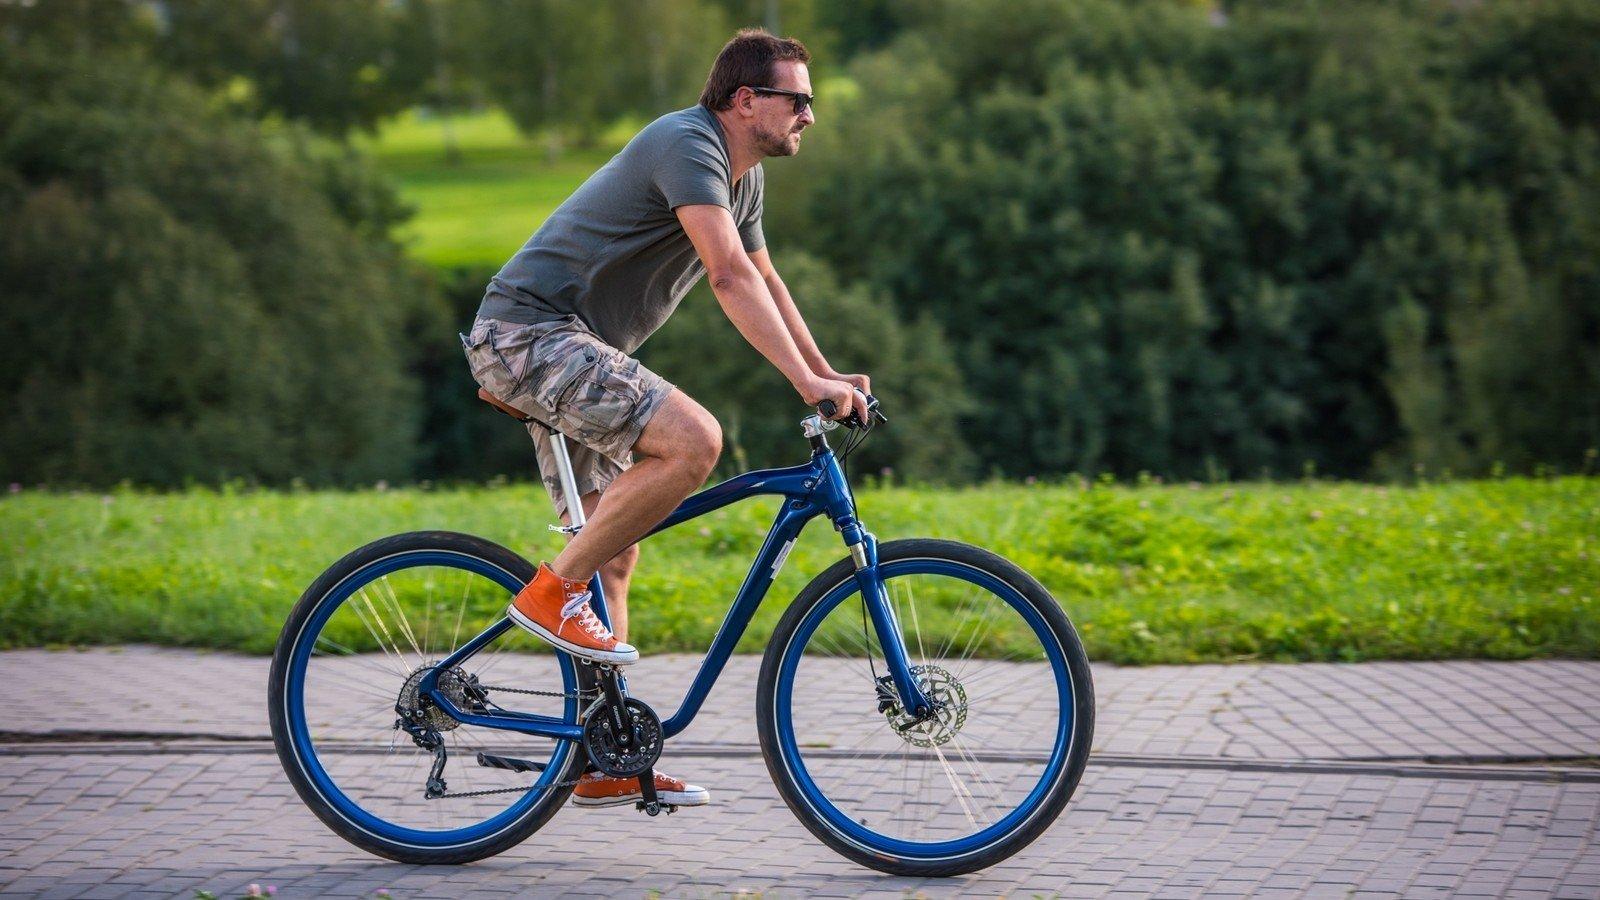 Заблуждения, связанные с велосипедами / Хабр